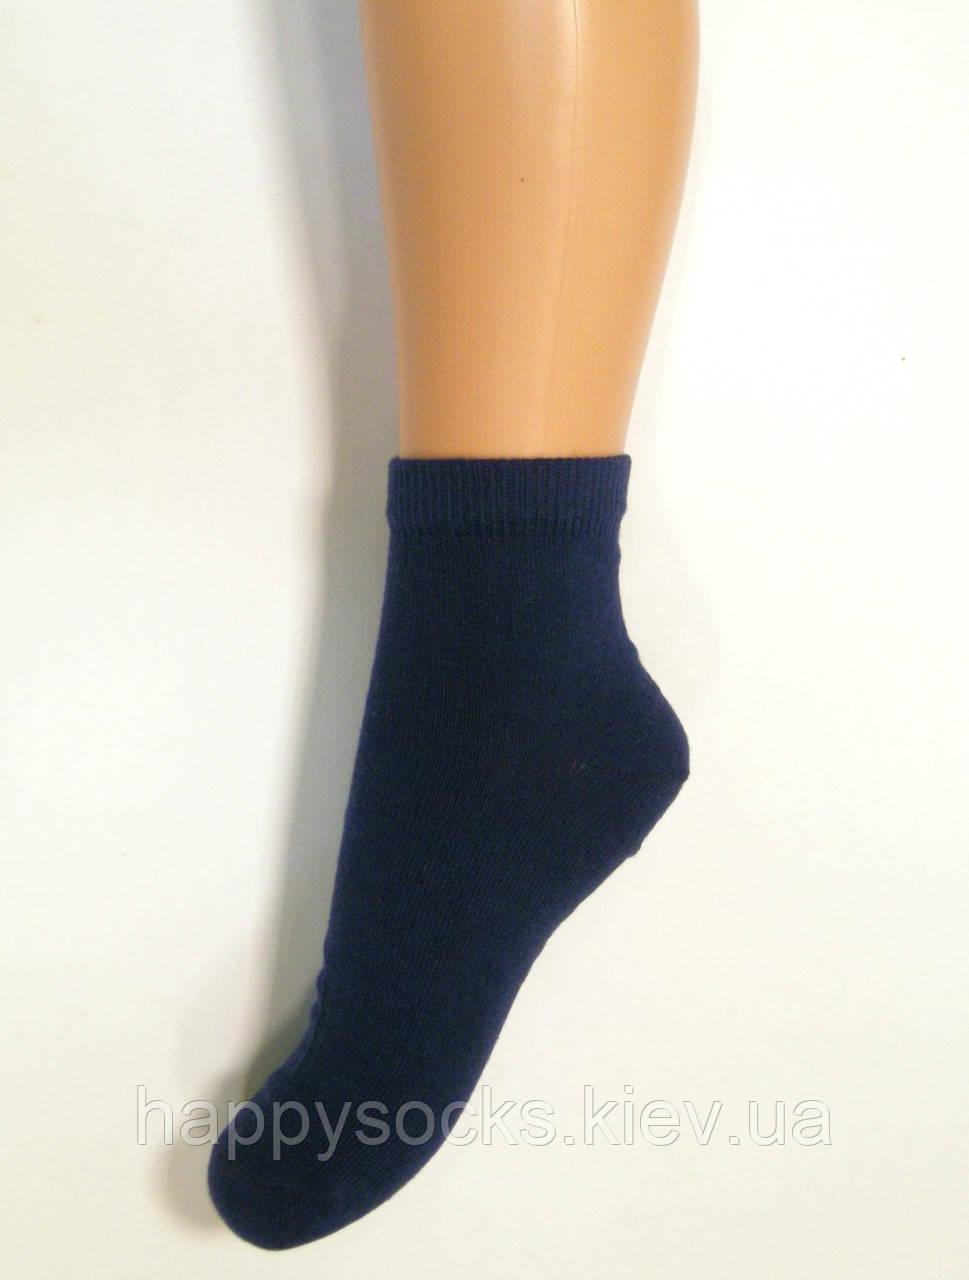 Носки средней длины детские темно-синего цвета